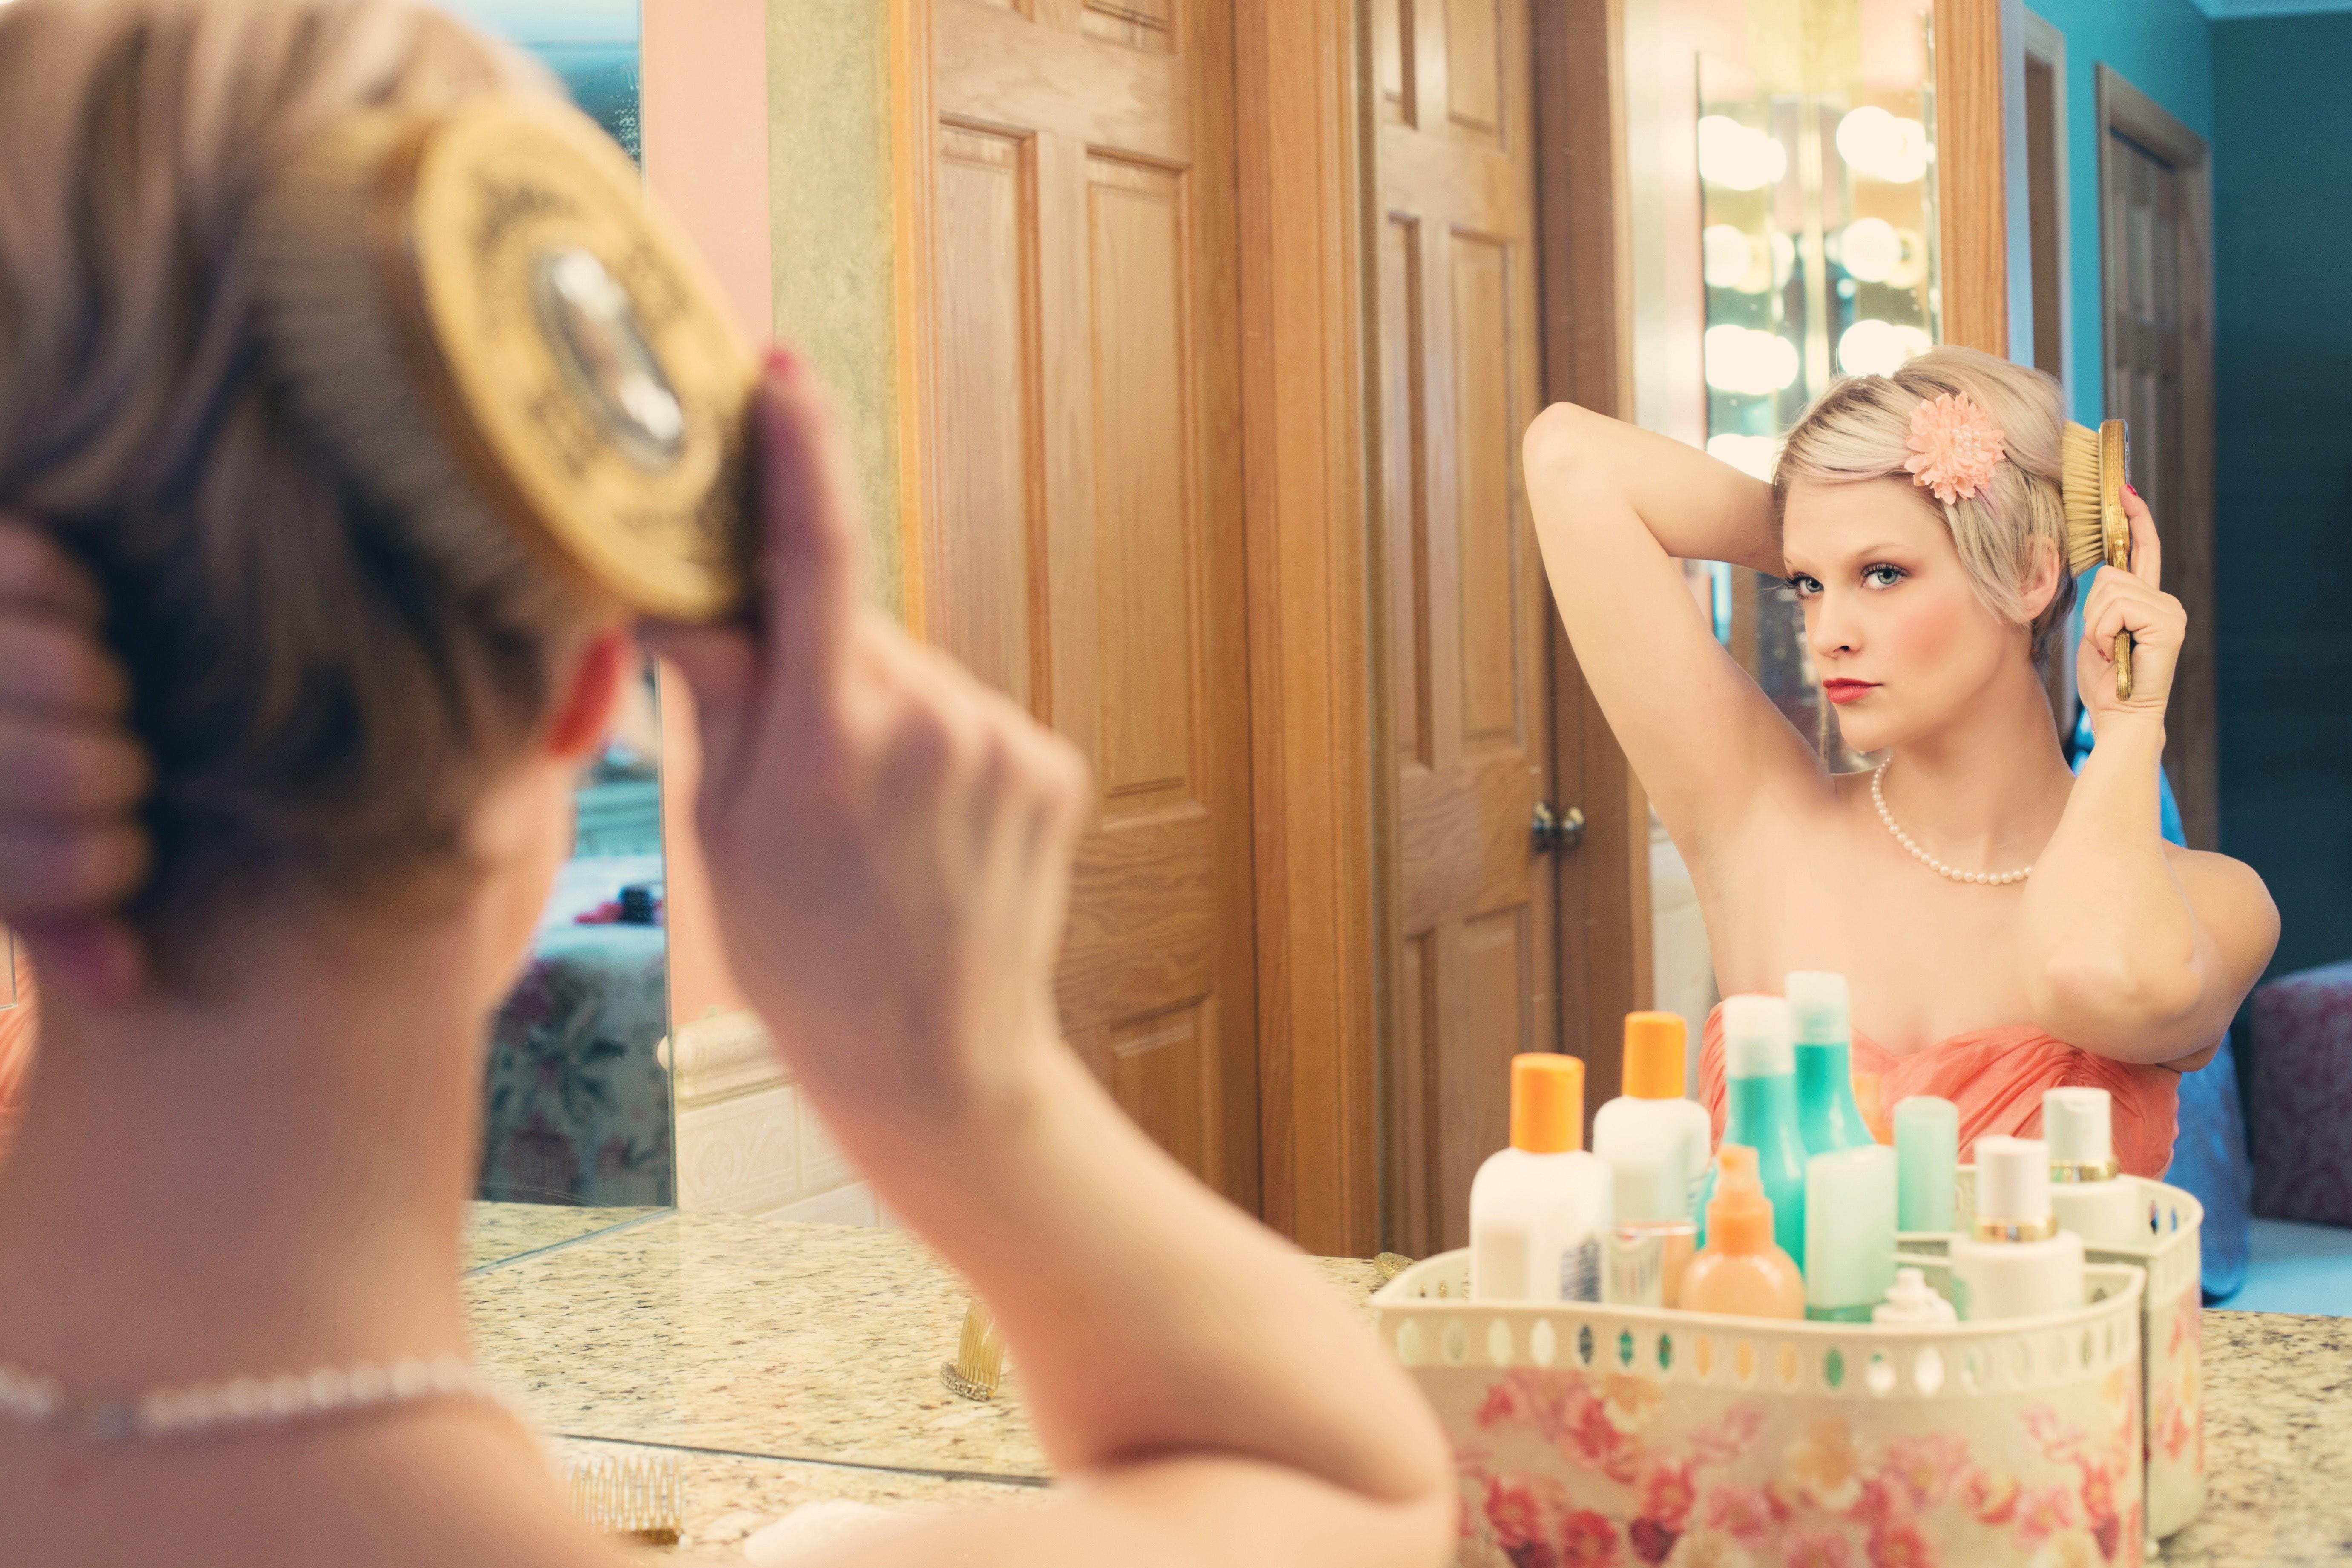 10 вещей, которые бесят мужчин в женском поведении